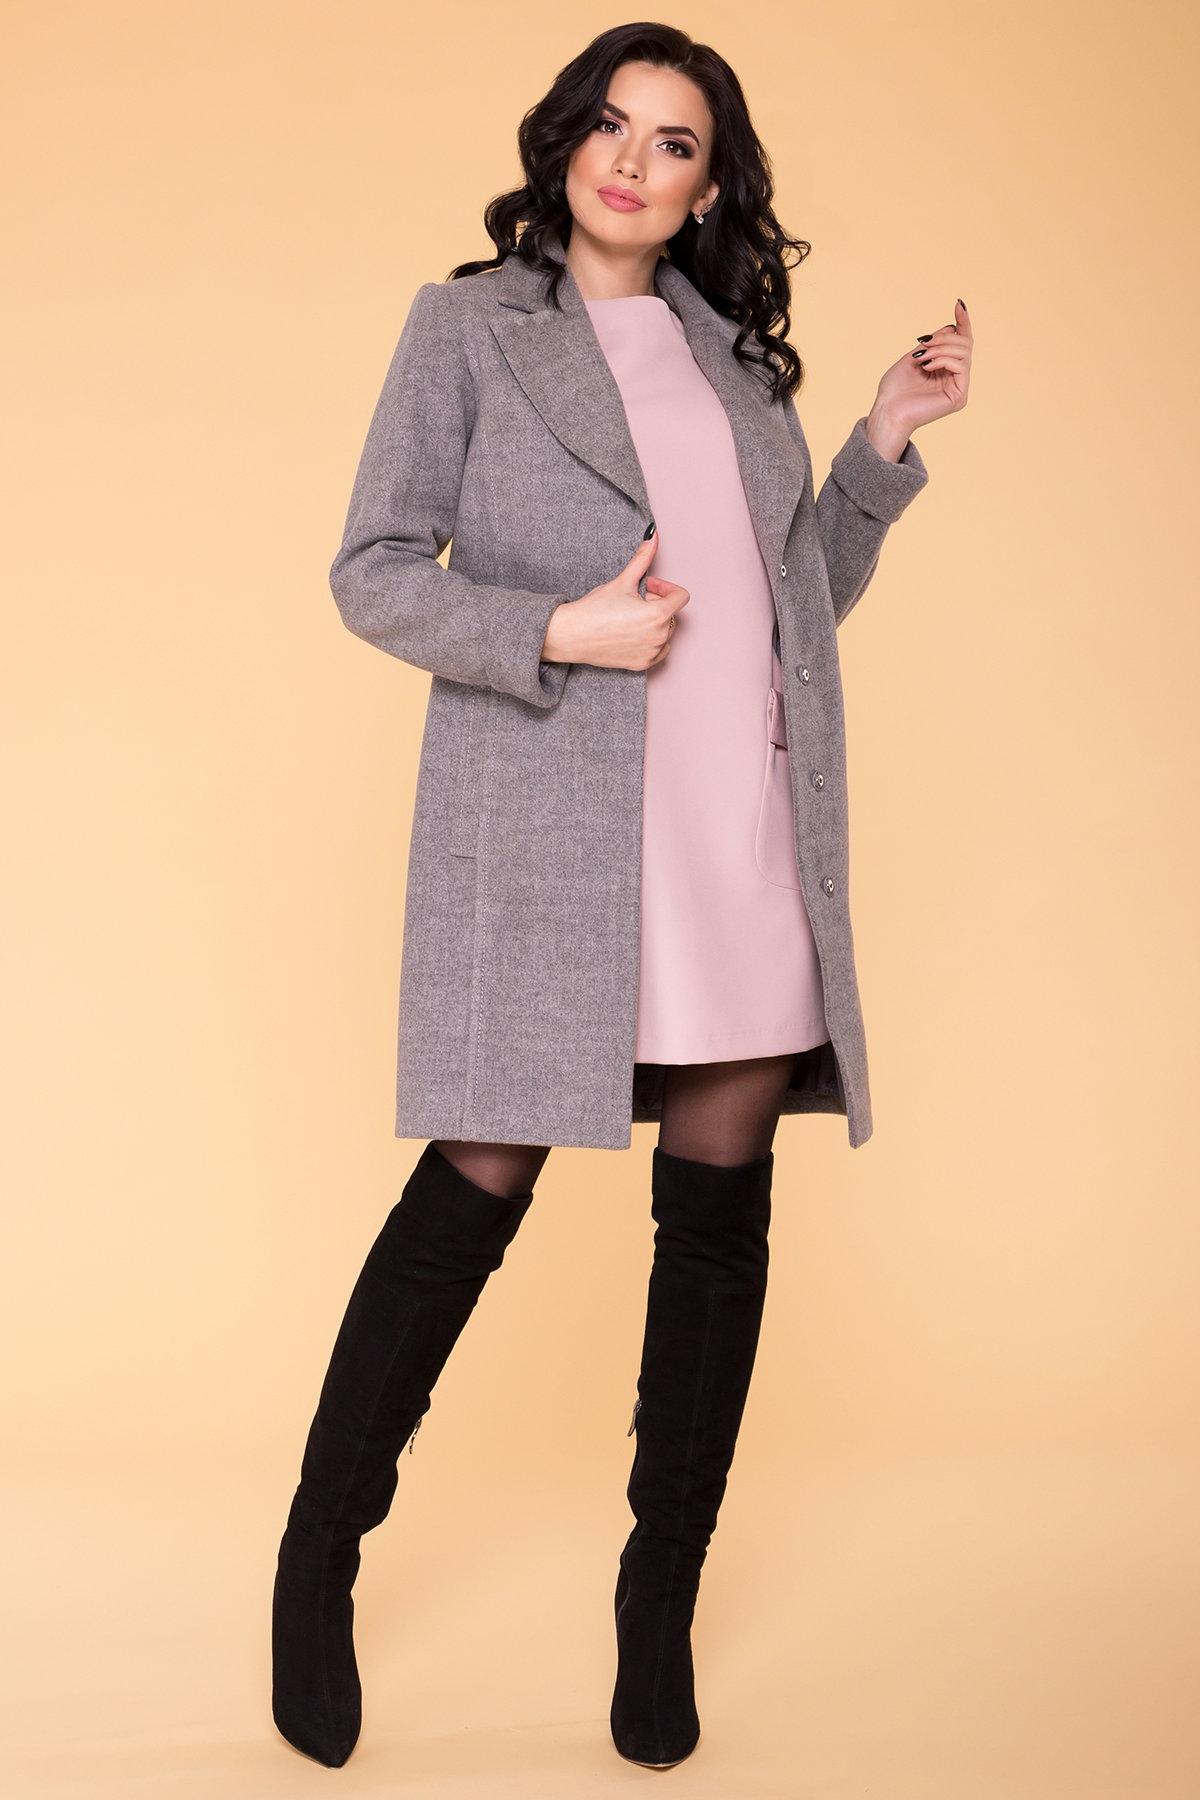 Пальто Лесли 6295 АРТ. 41079 Цвет: Серый 18 - фото 3, интернет магазин tm-modus.ru